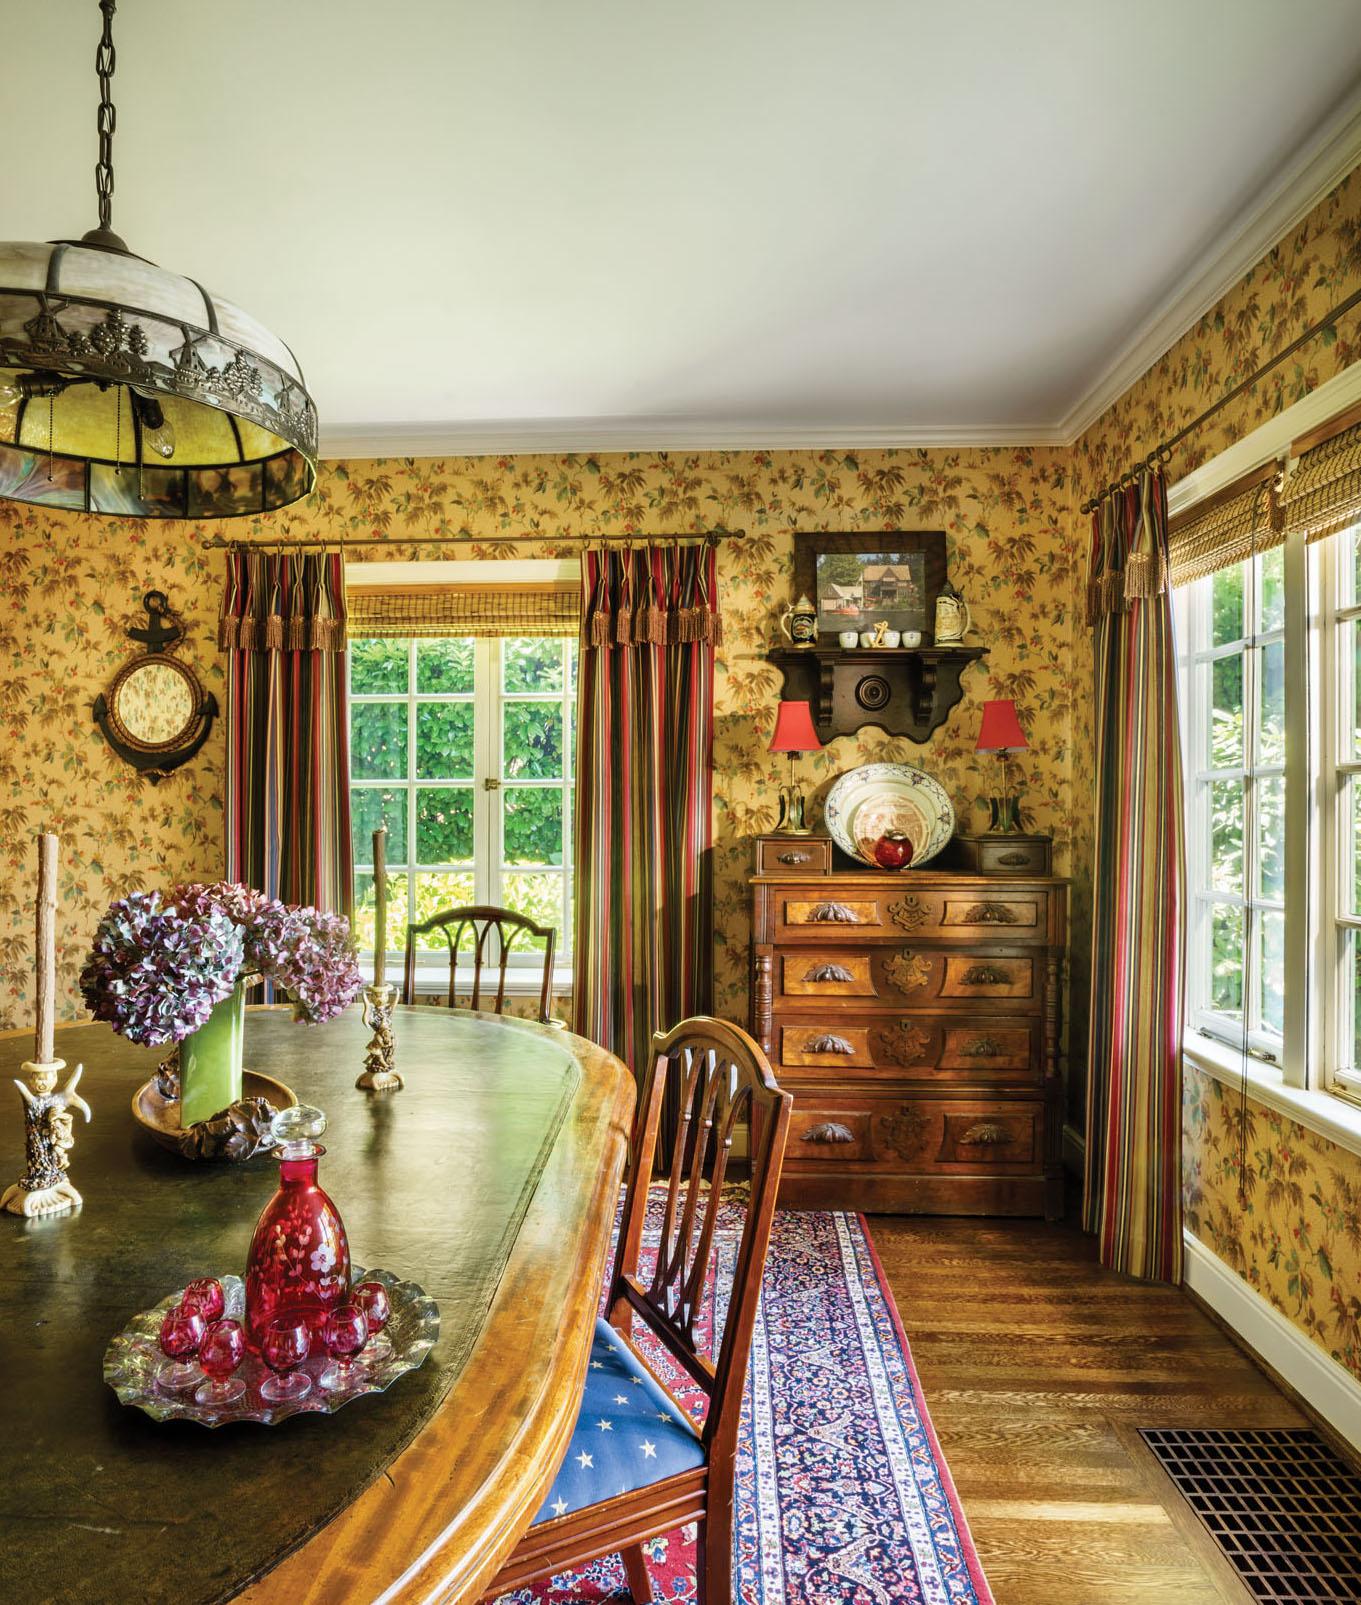 Dutchmotif vintage chandelier